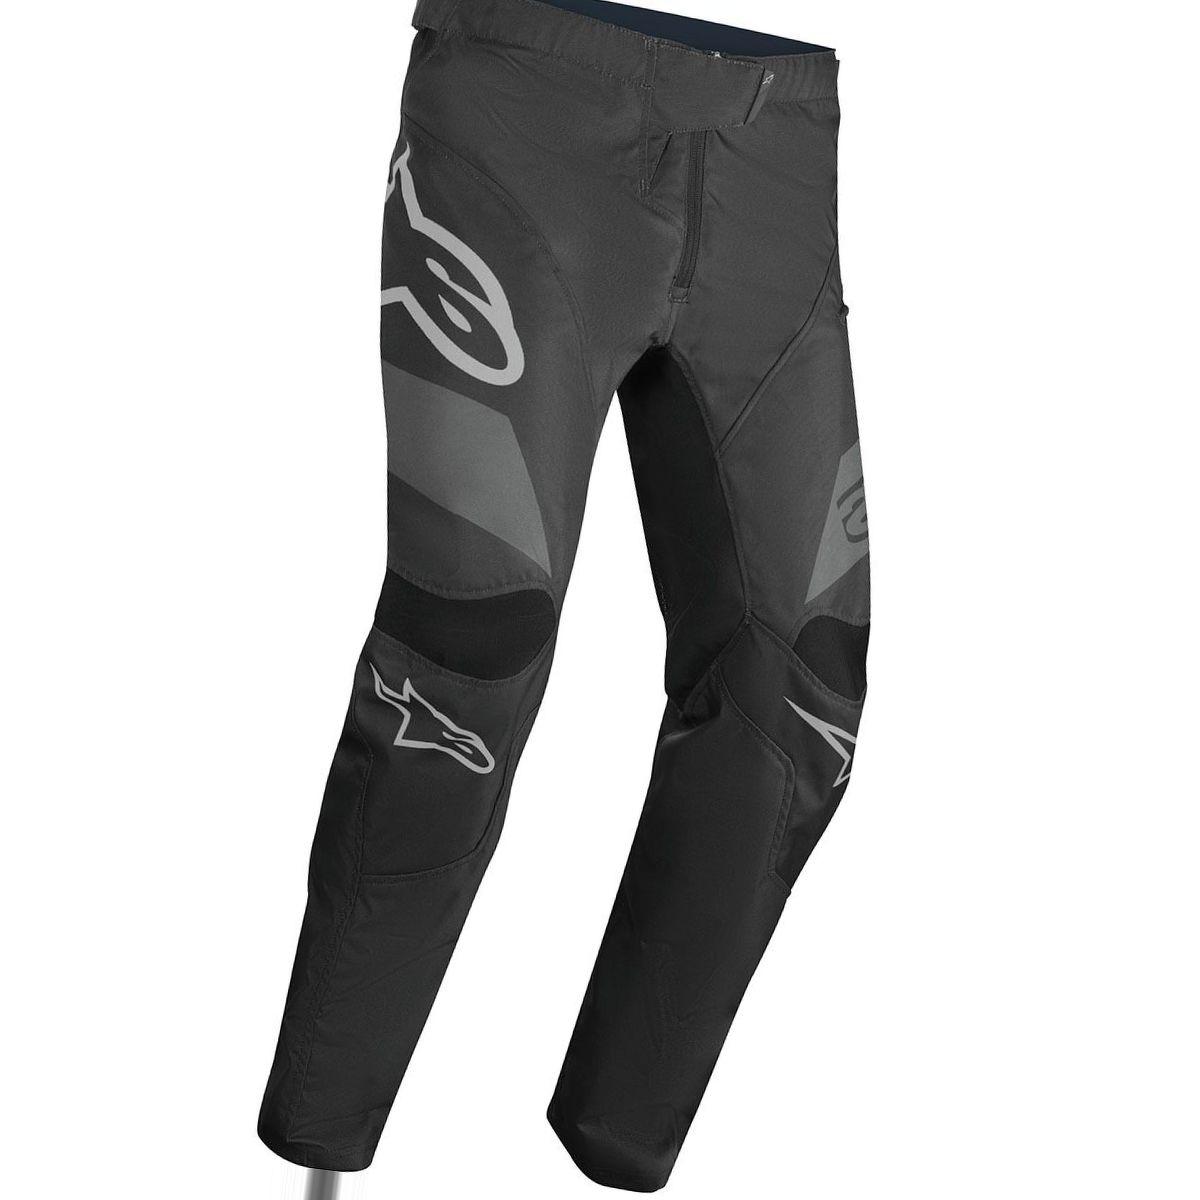 Alpinestars Racer Pant - Men's